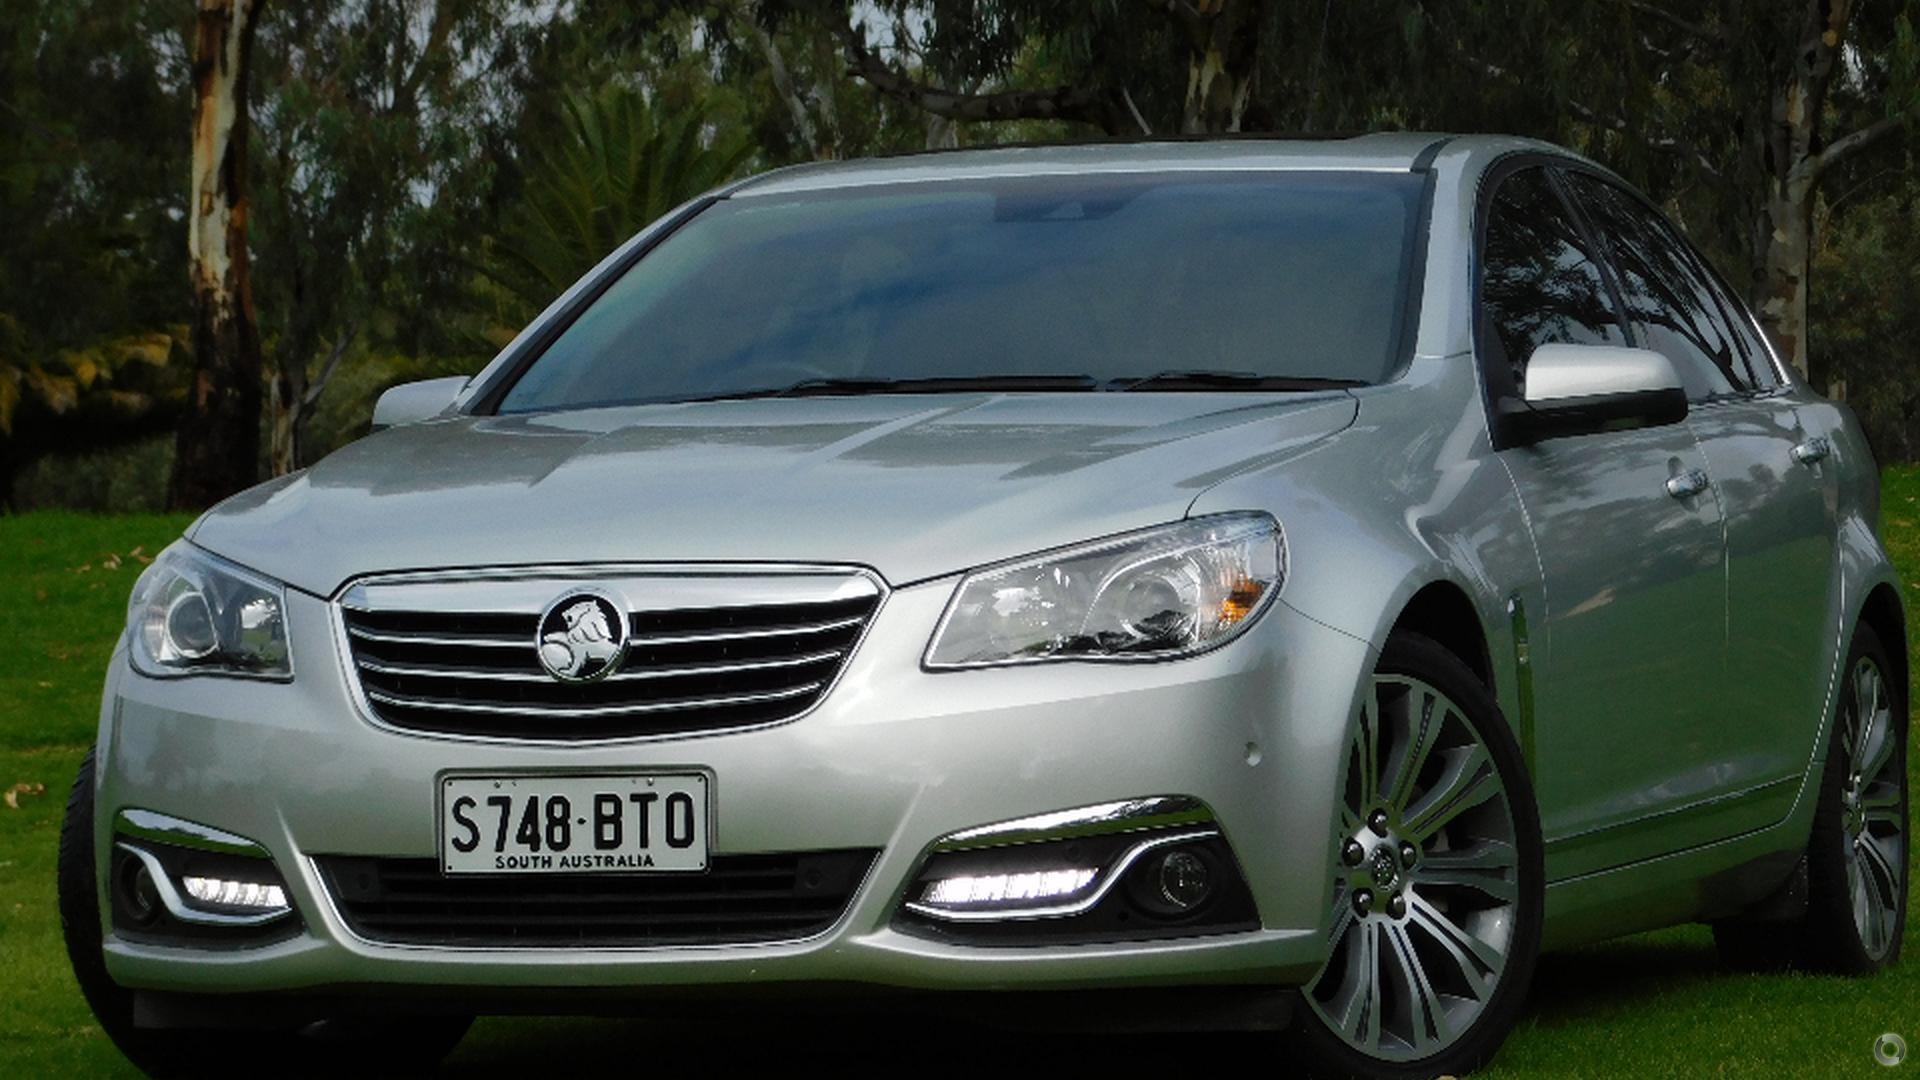 2013 Holden Calais V